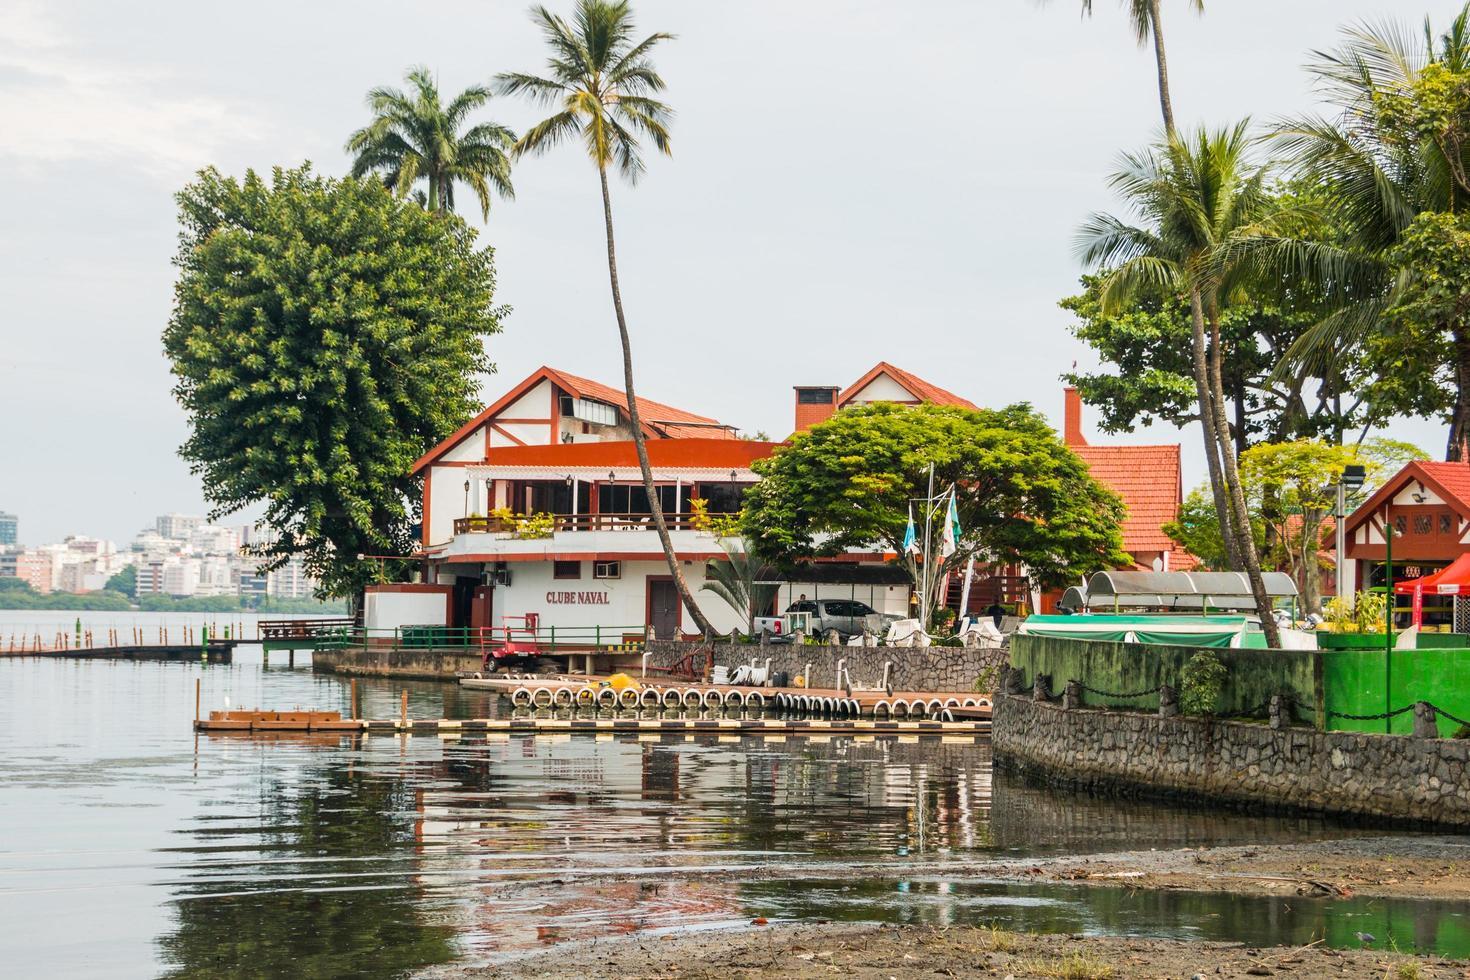 rio de janeiro, brésil, 2015 - club naval de la lagune rodrigo de freitas photo